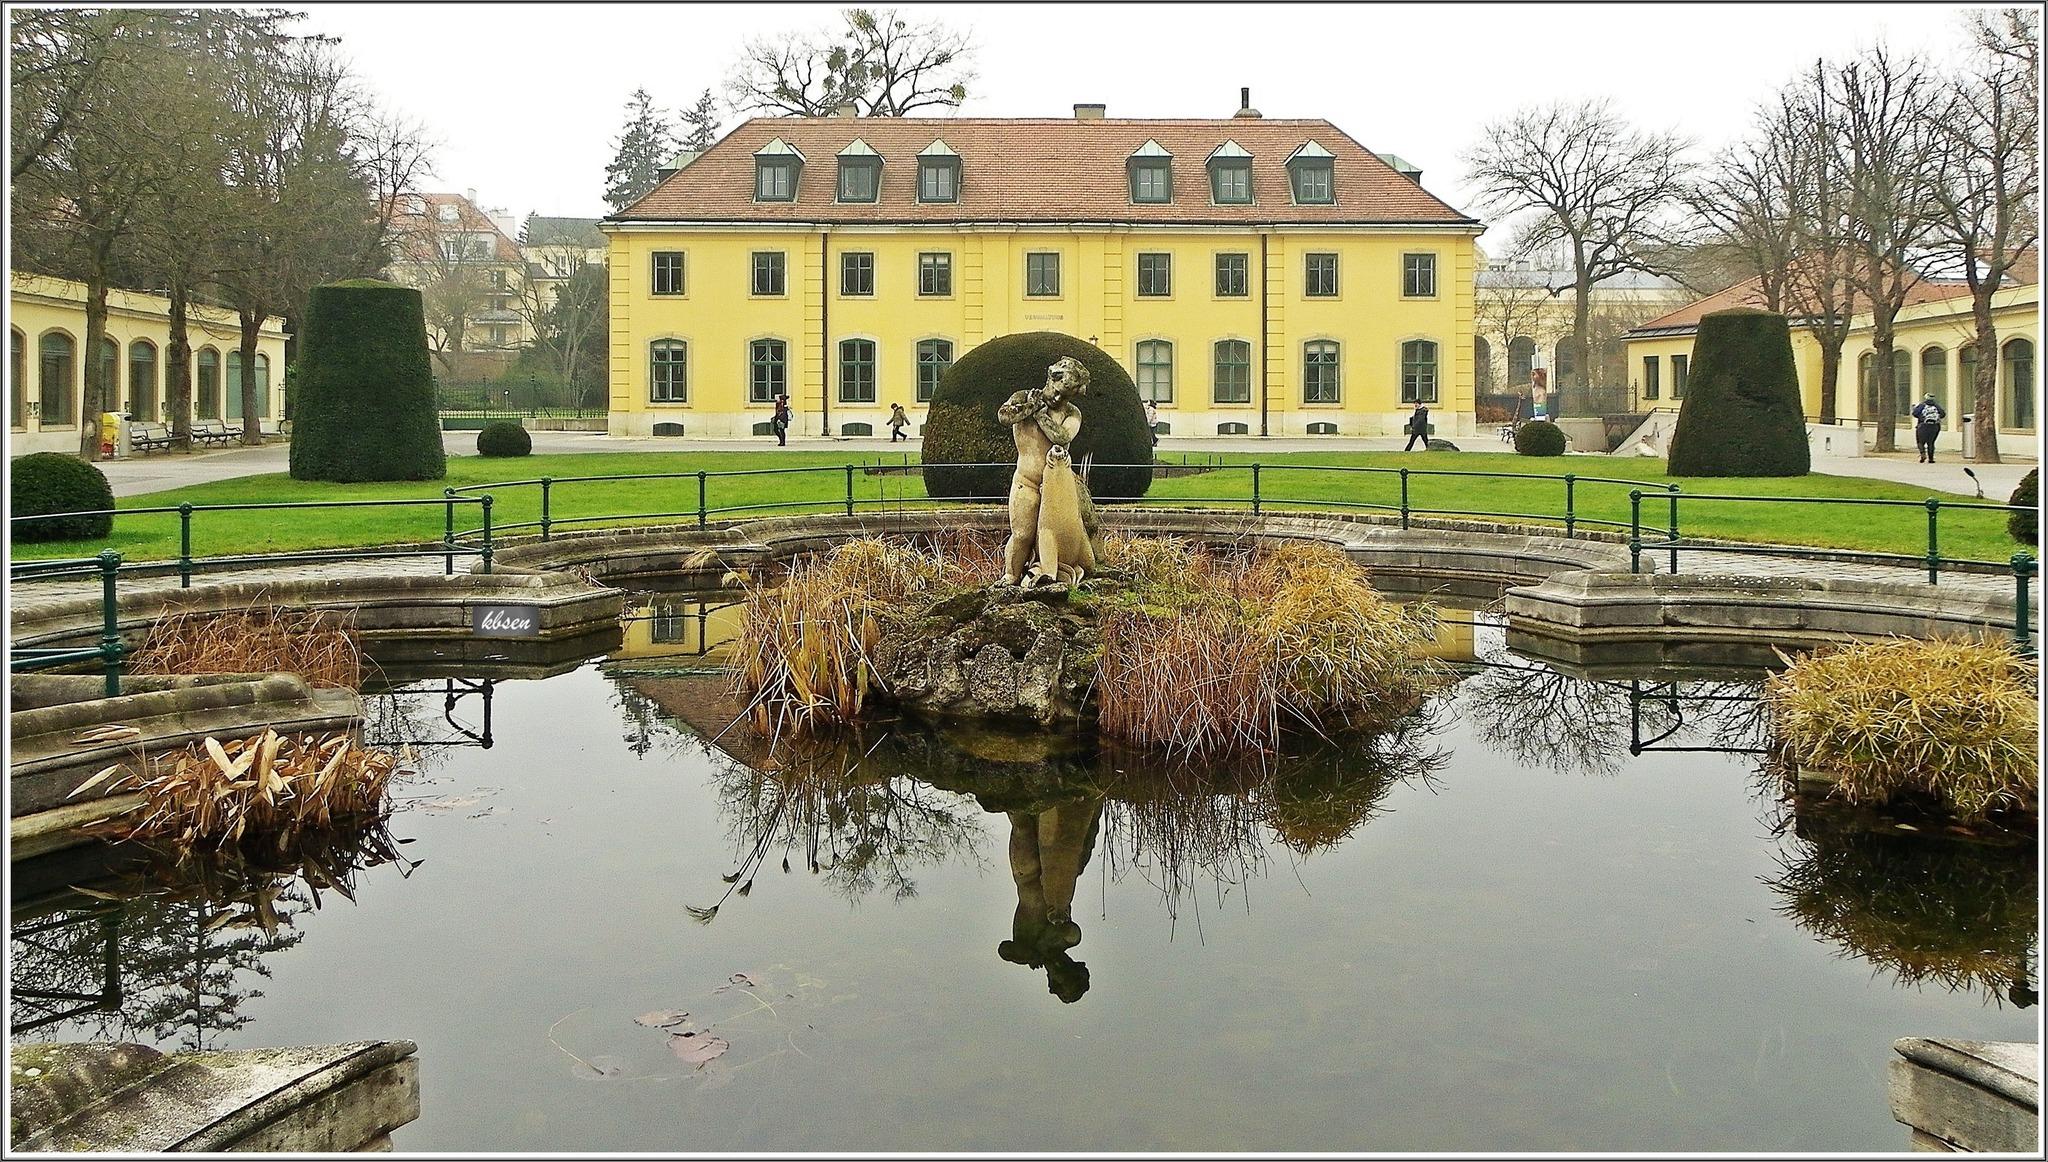 Tiergarten 1752